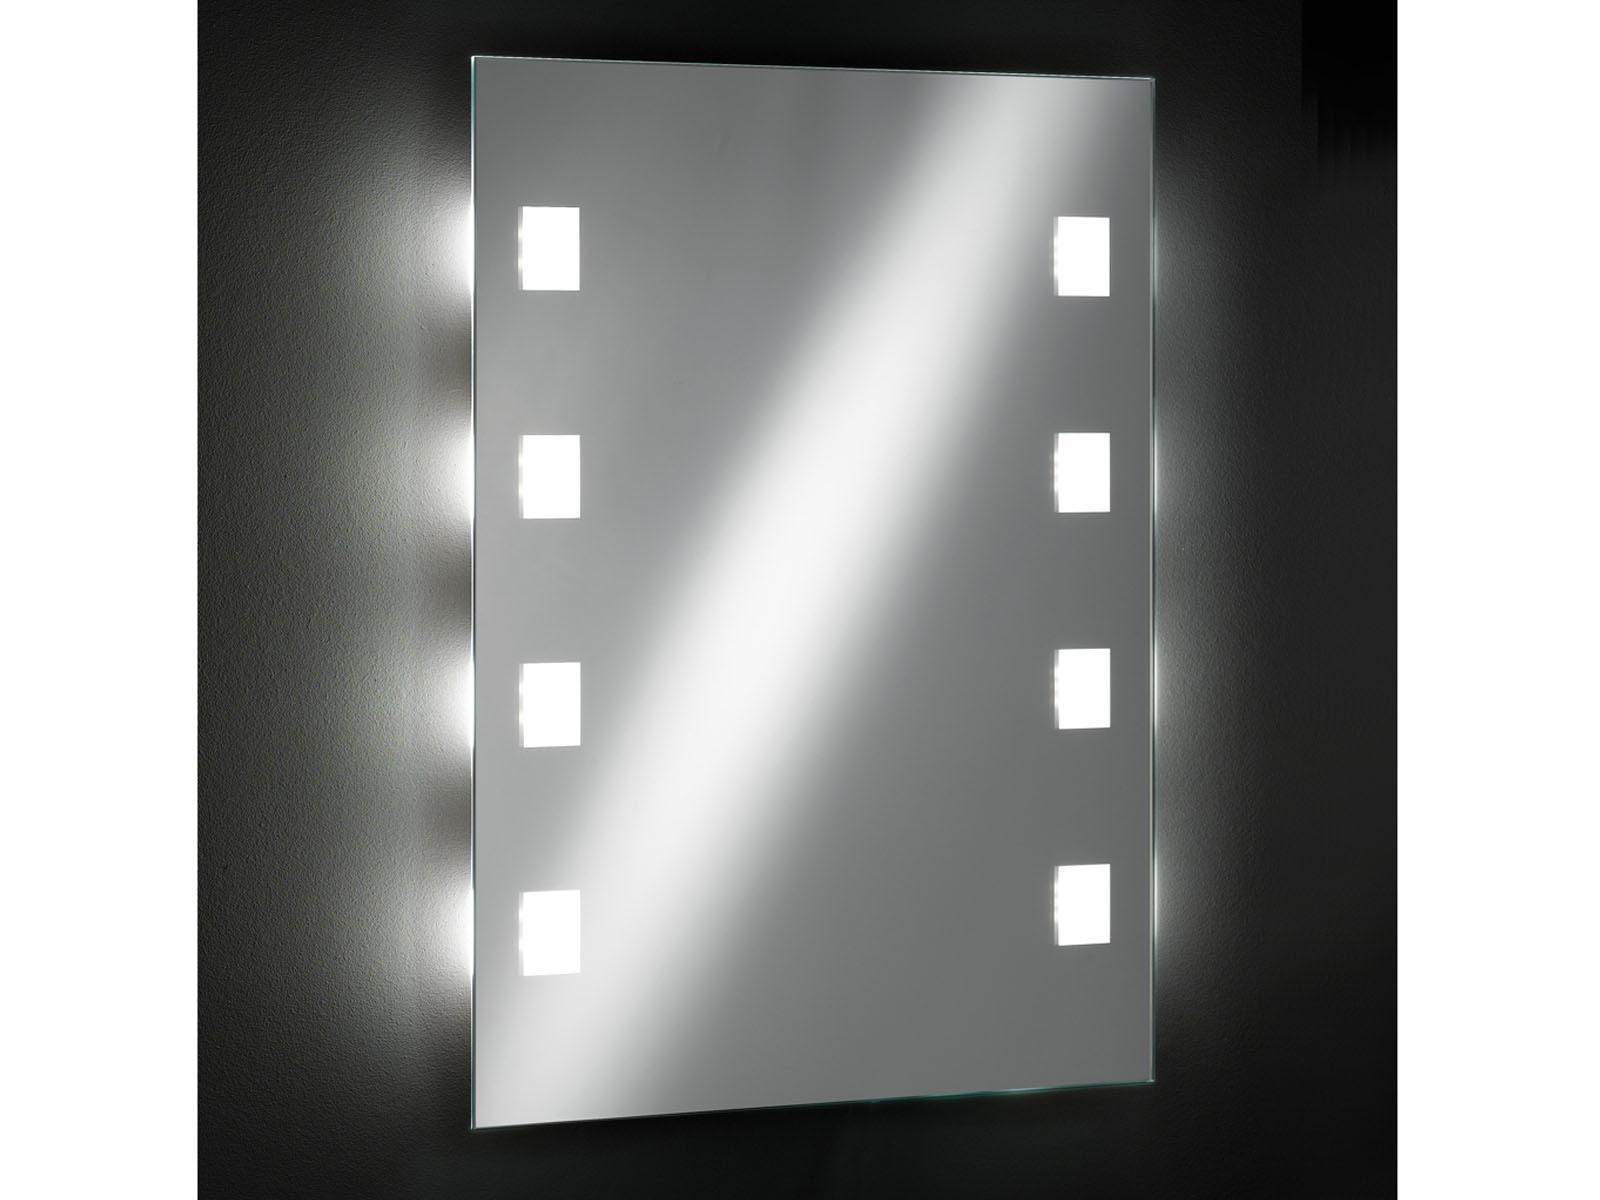 Led Badezimmer Wandleuchte Spiegel Mit Beleuchtung Und Dimmer 70 X